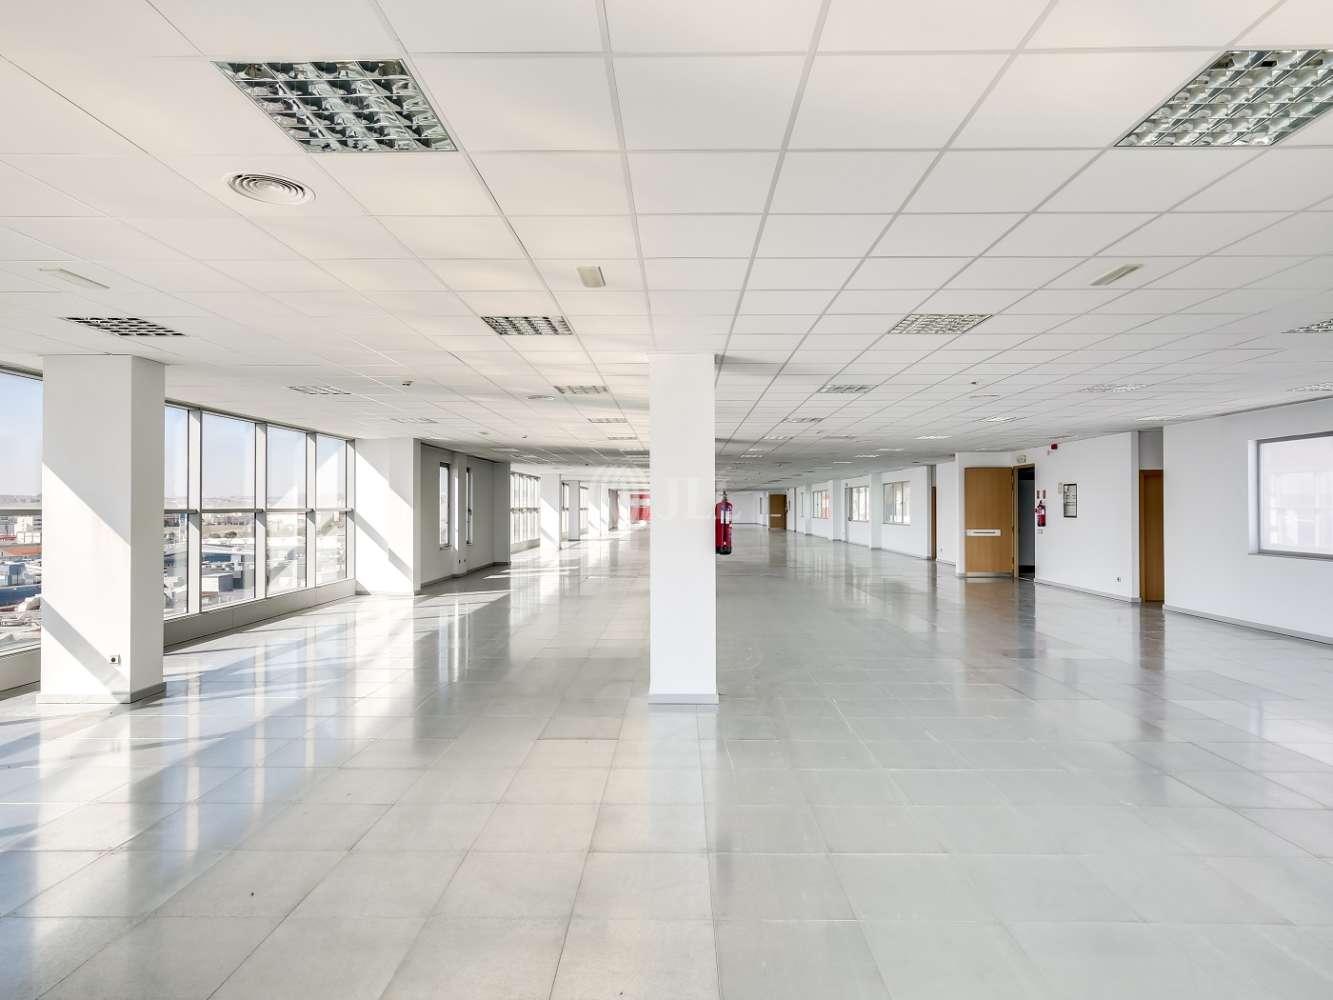 Oficina Rivas-vaciamadrid, 28521 - 521 Hub. Edificio 1 - 14523